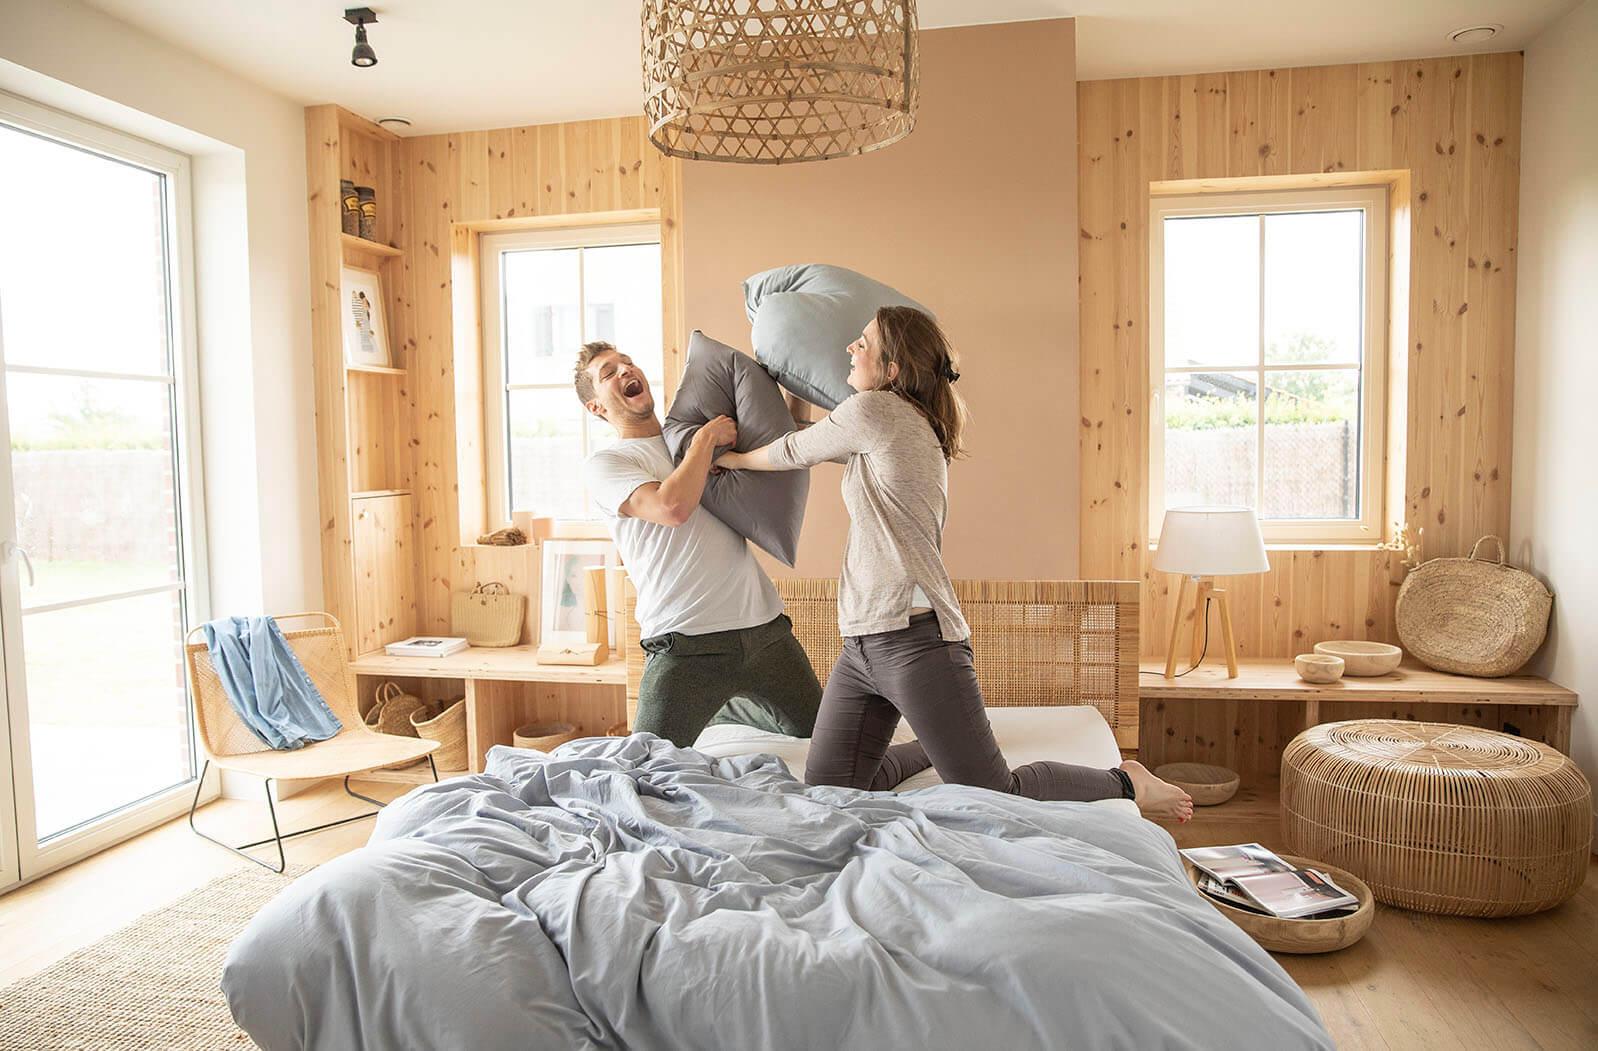 Le lit complet Ilobed est tellement robuste qu'il vous permet de faire des batailles d'oreillers !